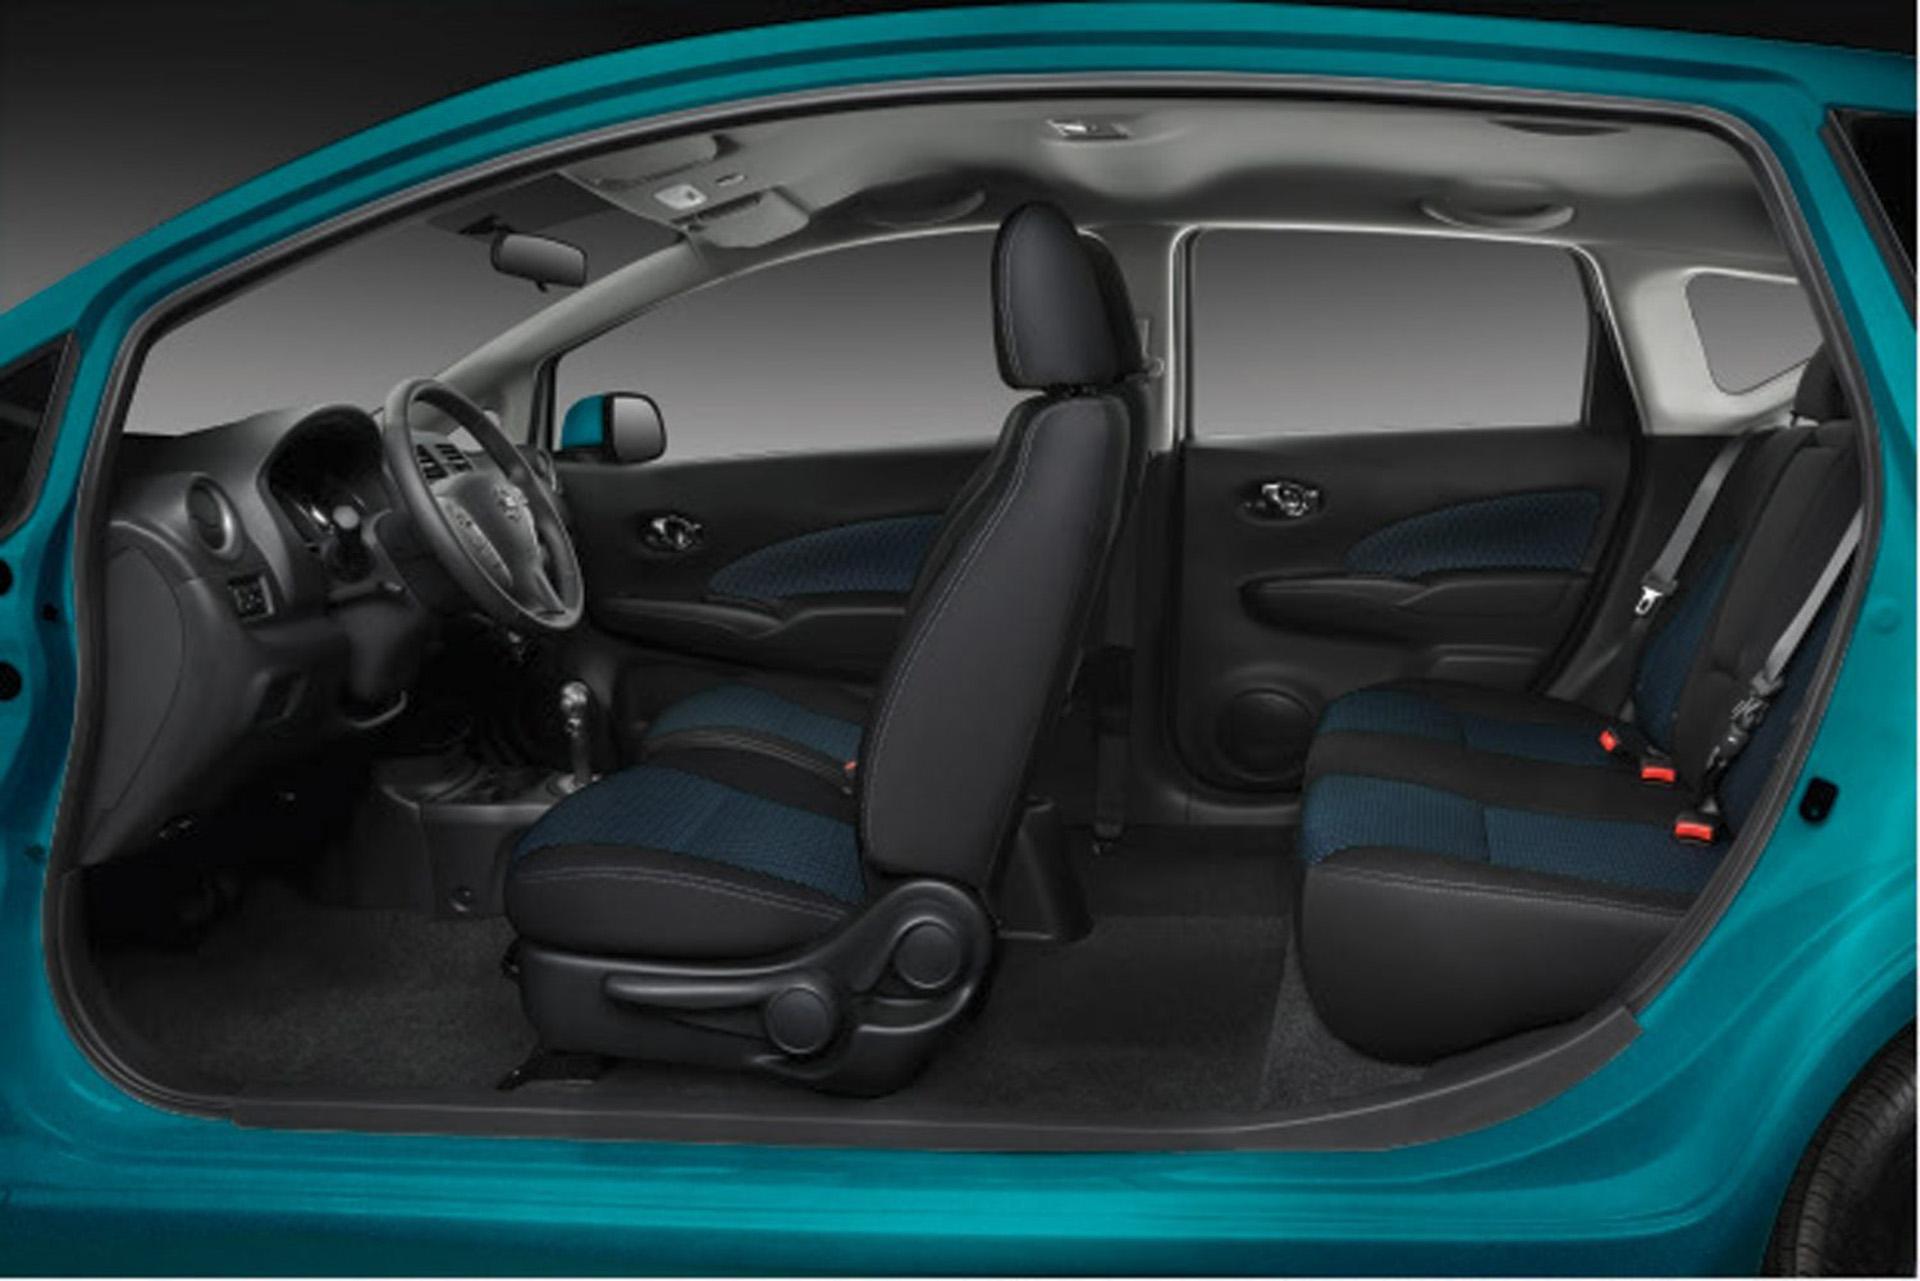 Forma y funcionalidad se unen en el interior del Nissan Note. Un diseño sorprendentemente espacioso y práctico que permite disfrutar del viaje con pasajeros en plena comodidad